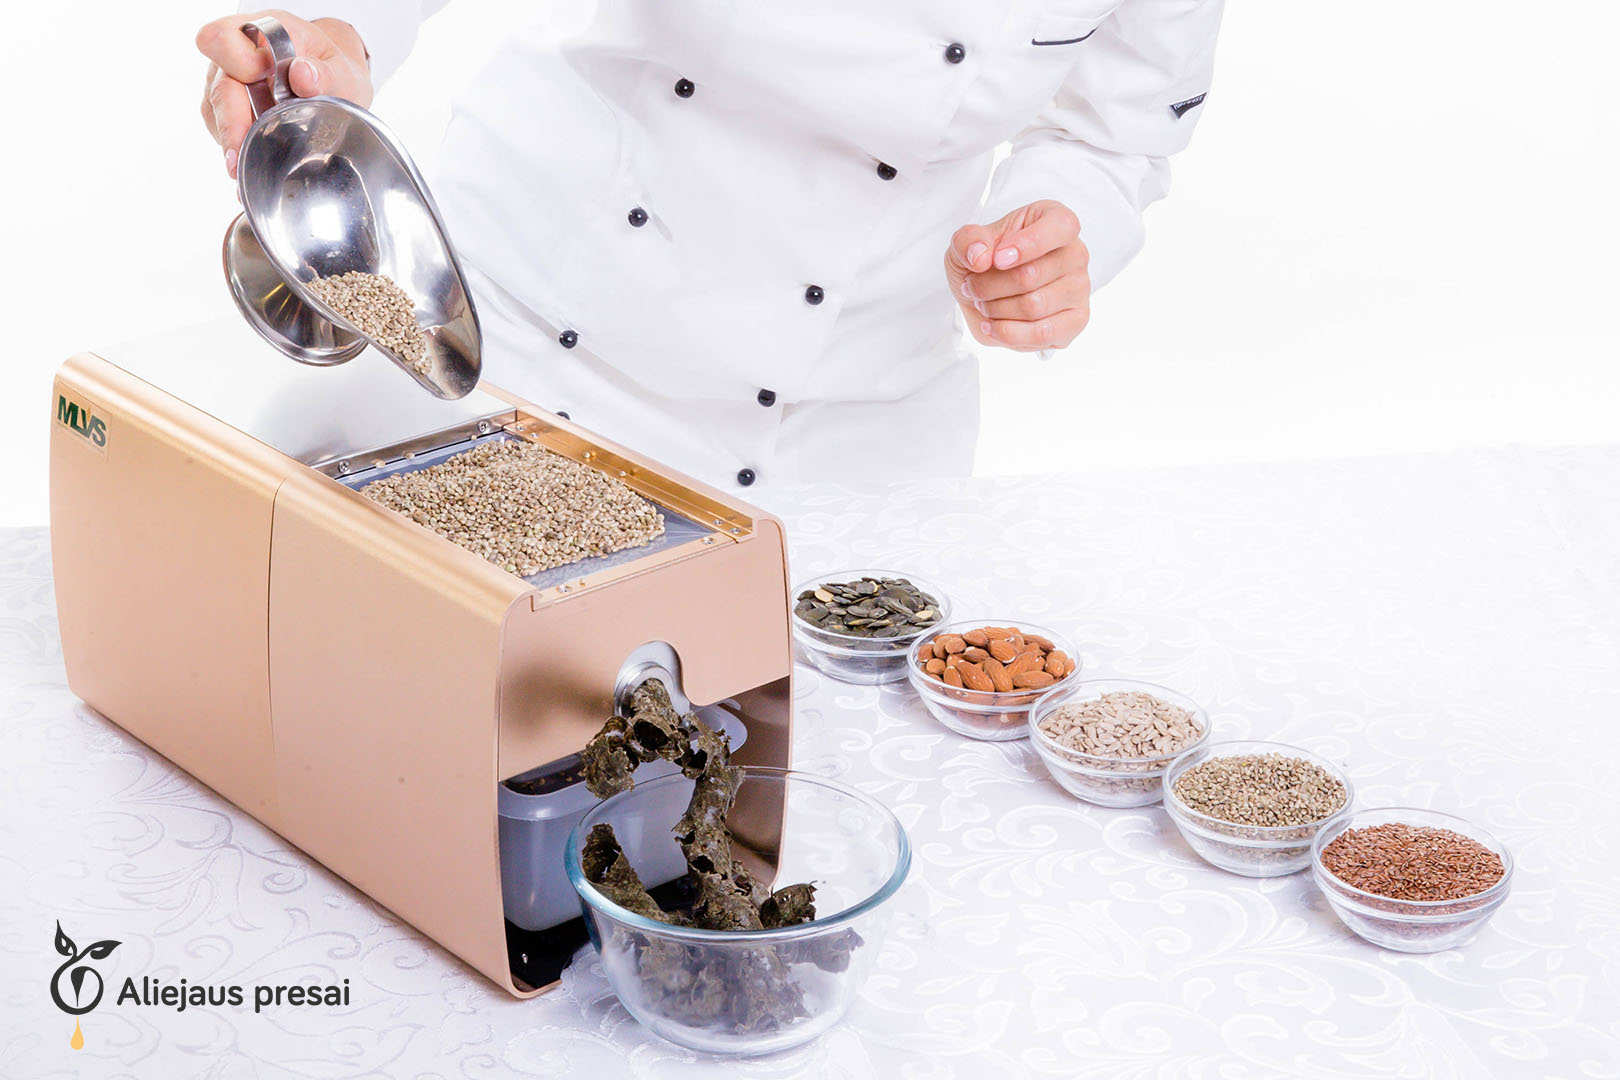 Buitinis aliejaus spaudimo presas kuriuo galite išsispausti aliejų iš juodgrūdės sėklų